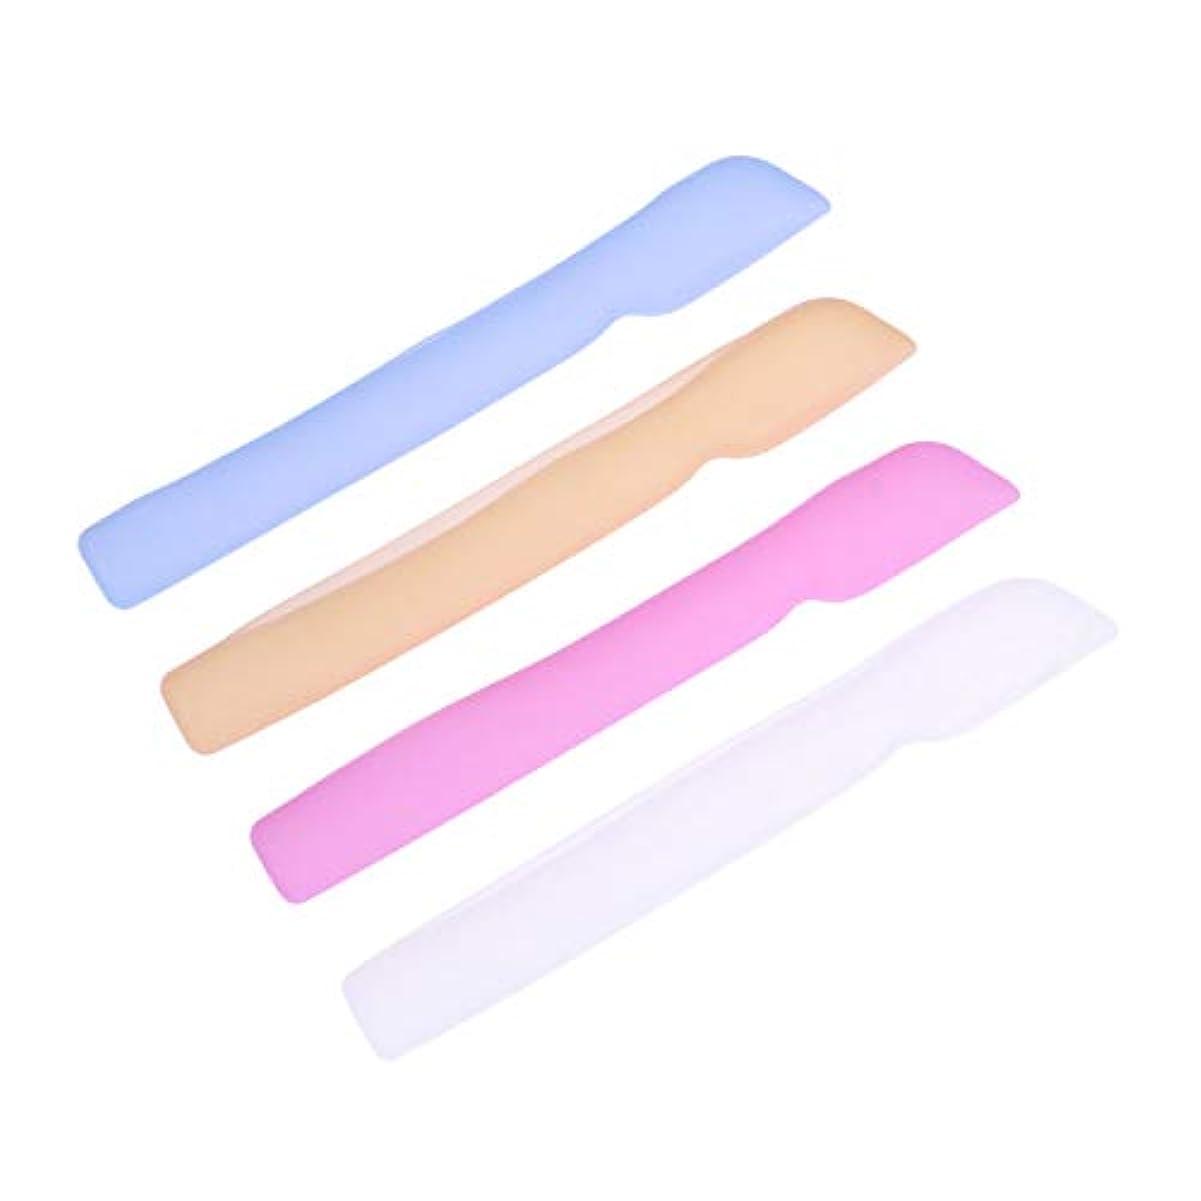 鳴り響く注目すべきHEALLILYシリコン歯ブラシケースカバー歯ブラシ用保護カバー保護ケース用4本(ブルー+ピンク+ライトイエロー+ホワイト)